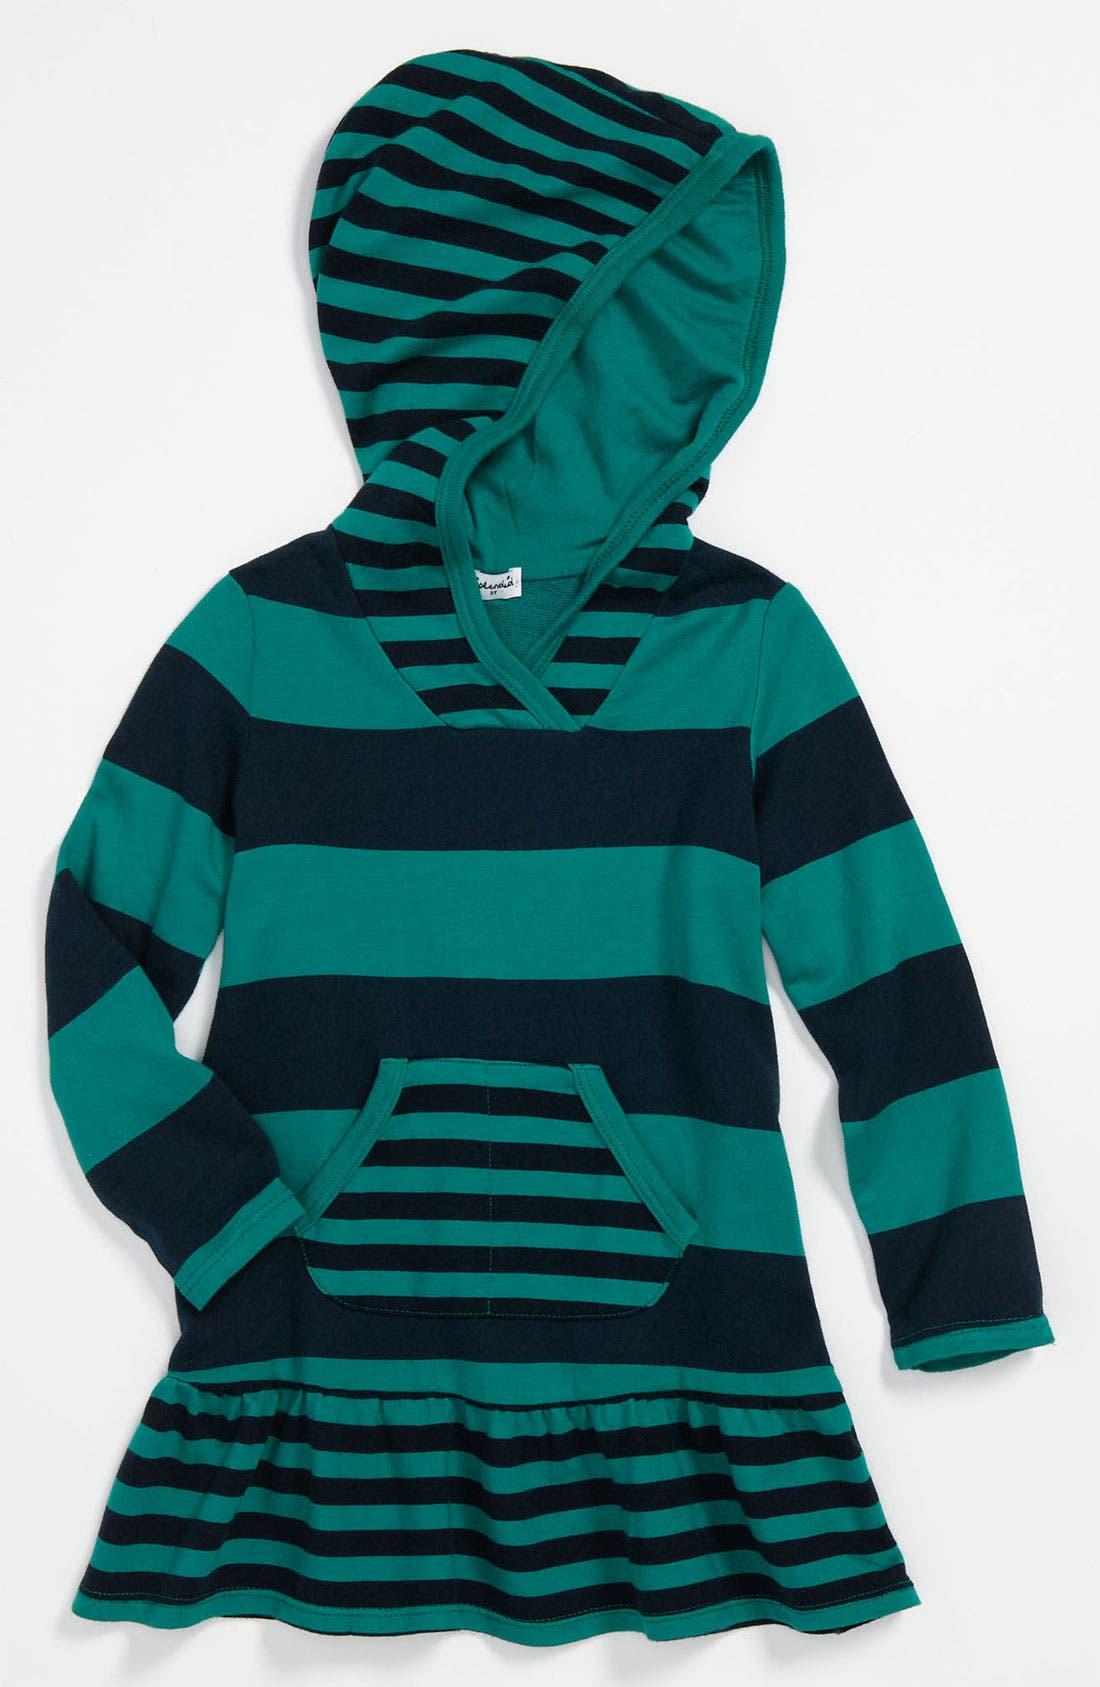 Alternate Image 1 Selected - Splendid 'Cambridge' Stripe Dress (Toddler)